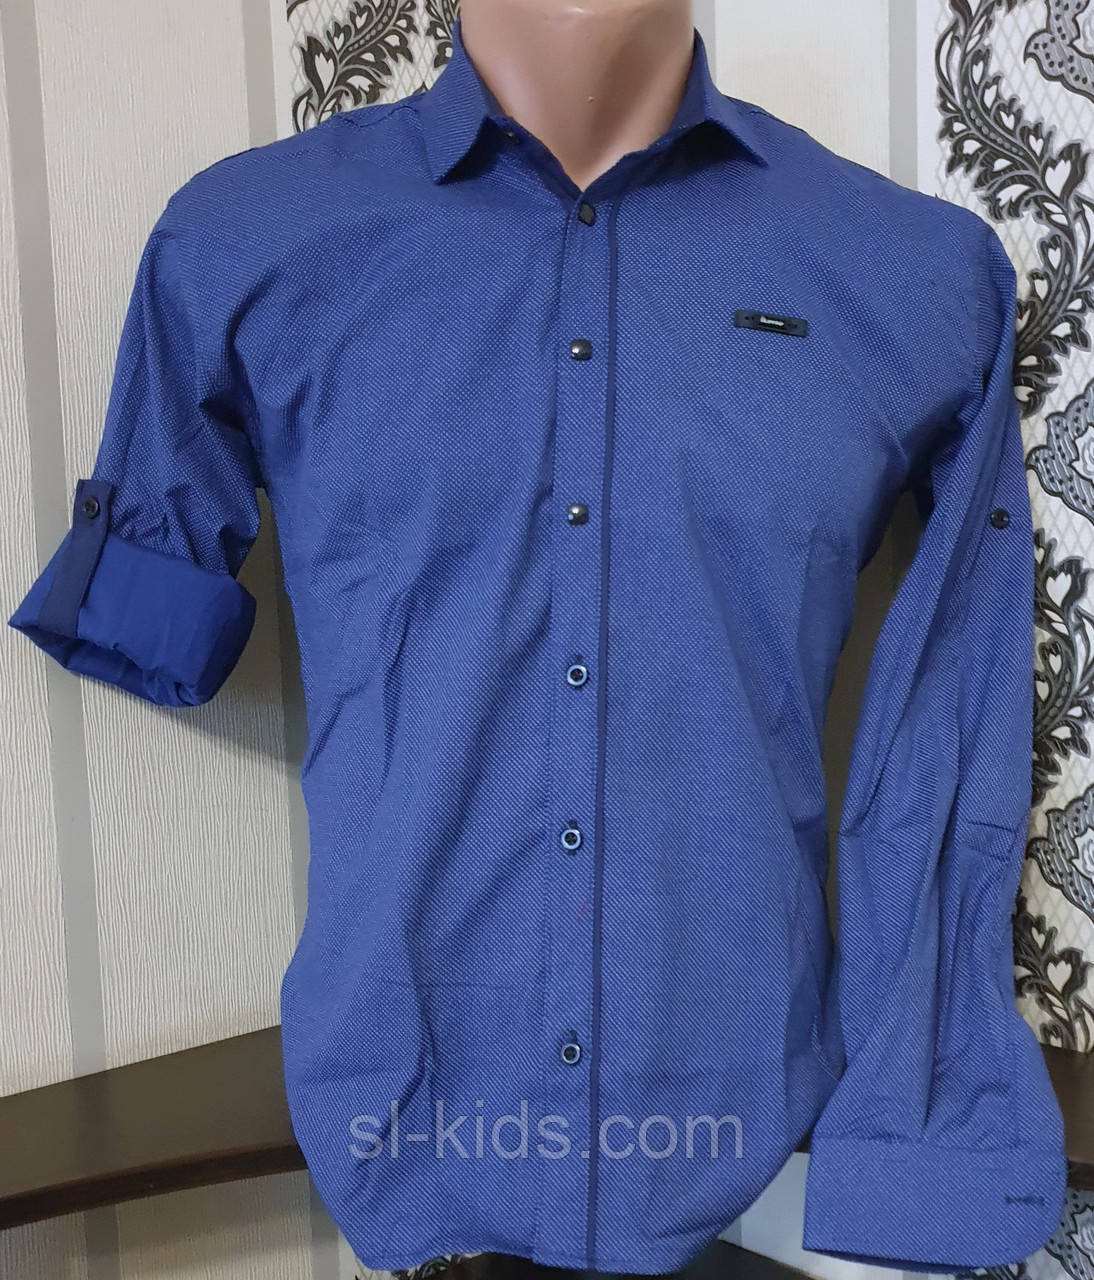 Стрейчева сорочка IKORAS для хлопчика 7-12 років (розд) (пр. Туреччина)